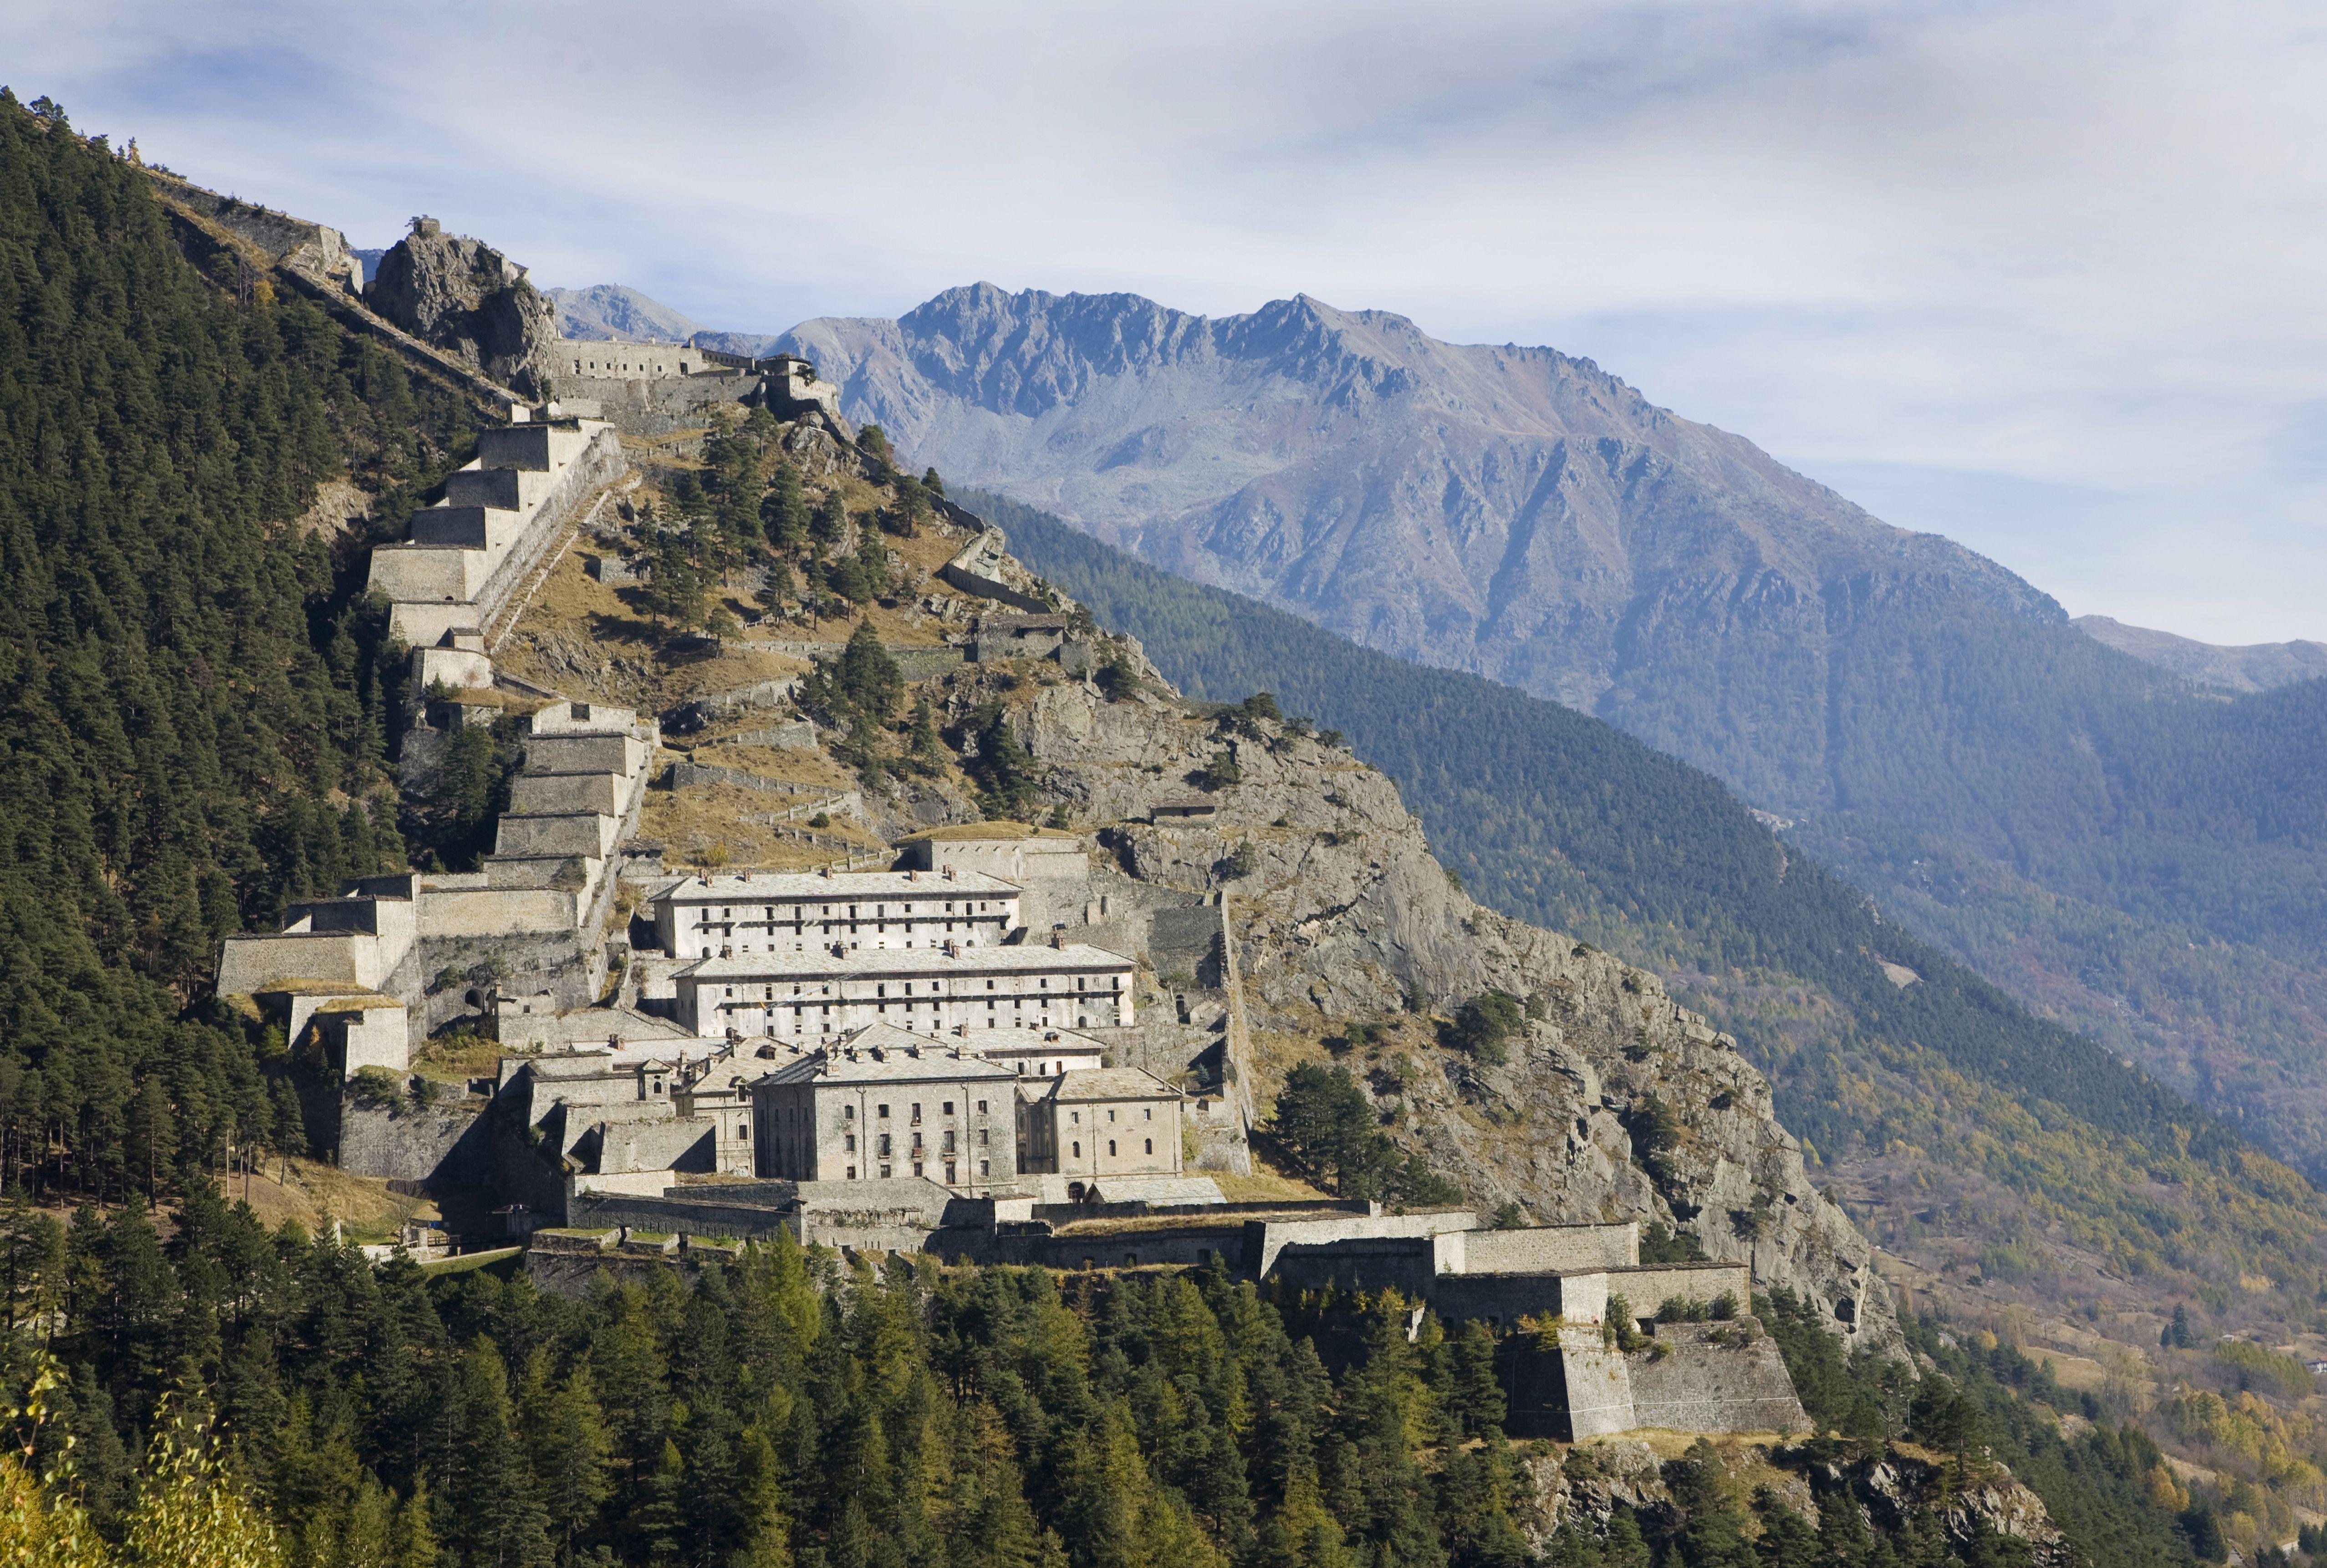 Italy, Piedimont, Val Chisone